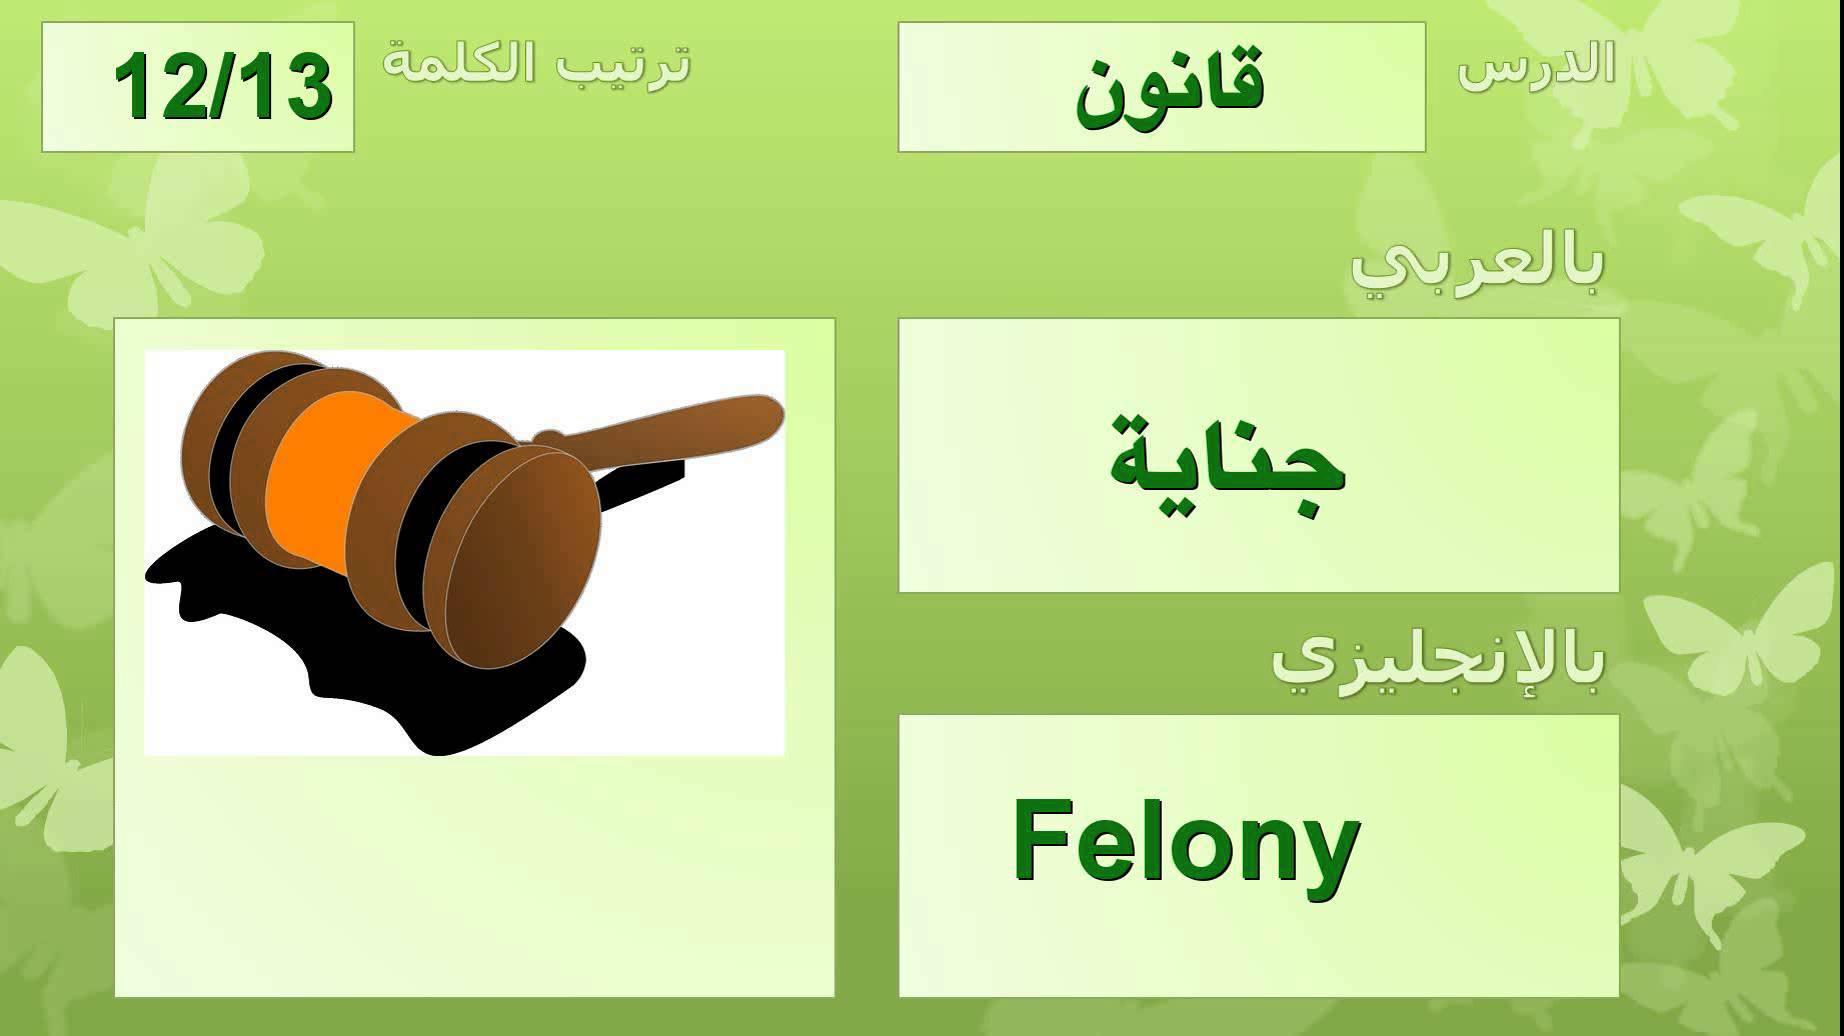 بالصور كلمات انجليزيه , تعلم اللغه الانجليزيه بسهوله 2180 2